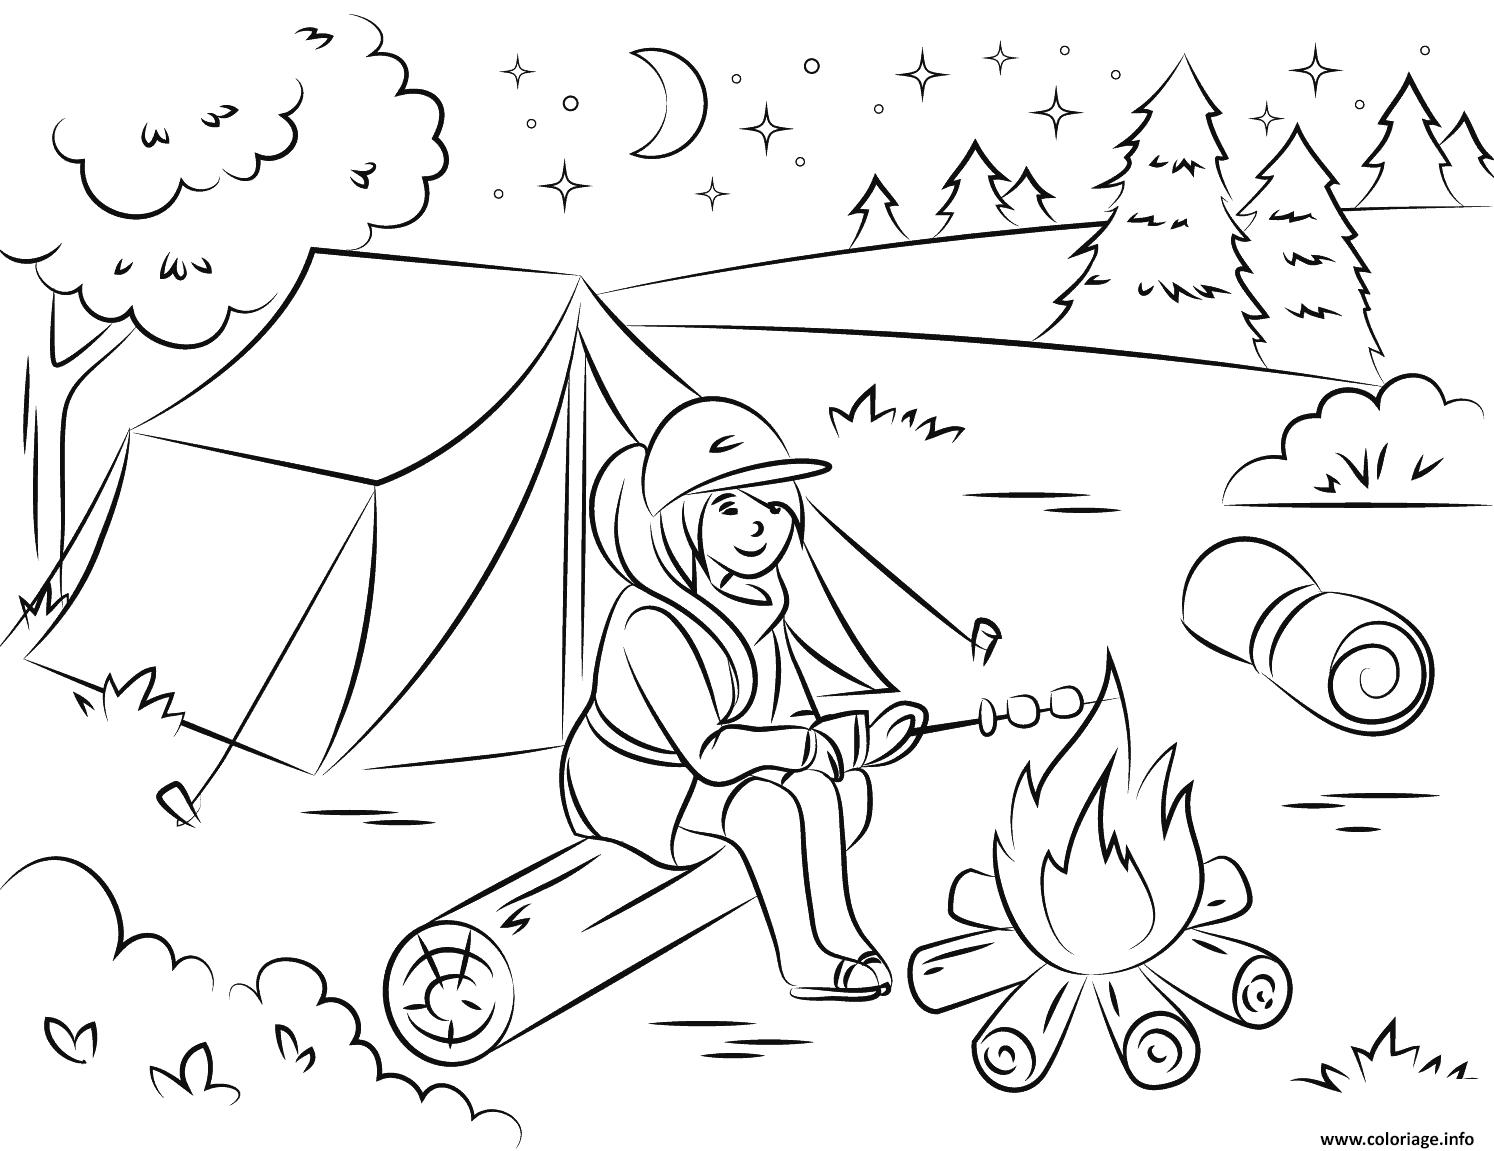 Coloriage camping fille chauffe des guimauves ete vacance - Coloriage ete ...